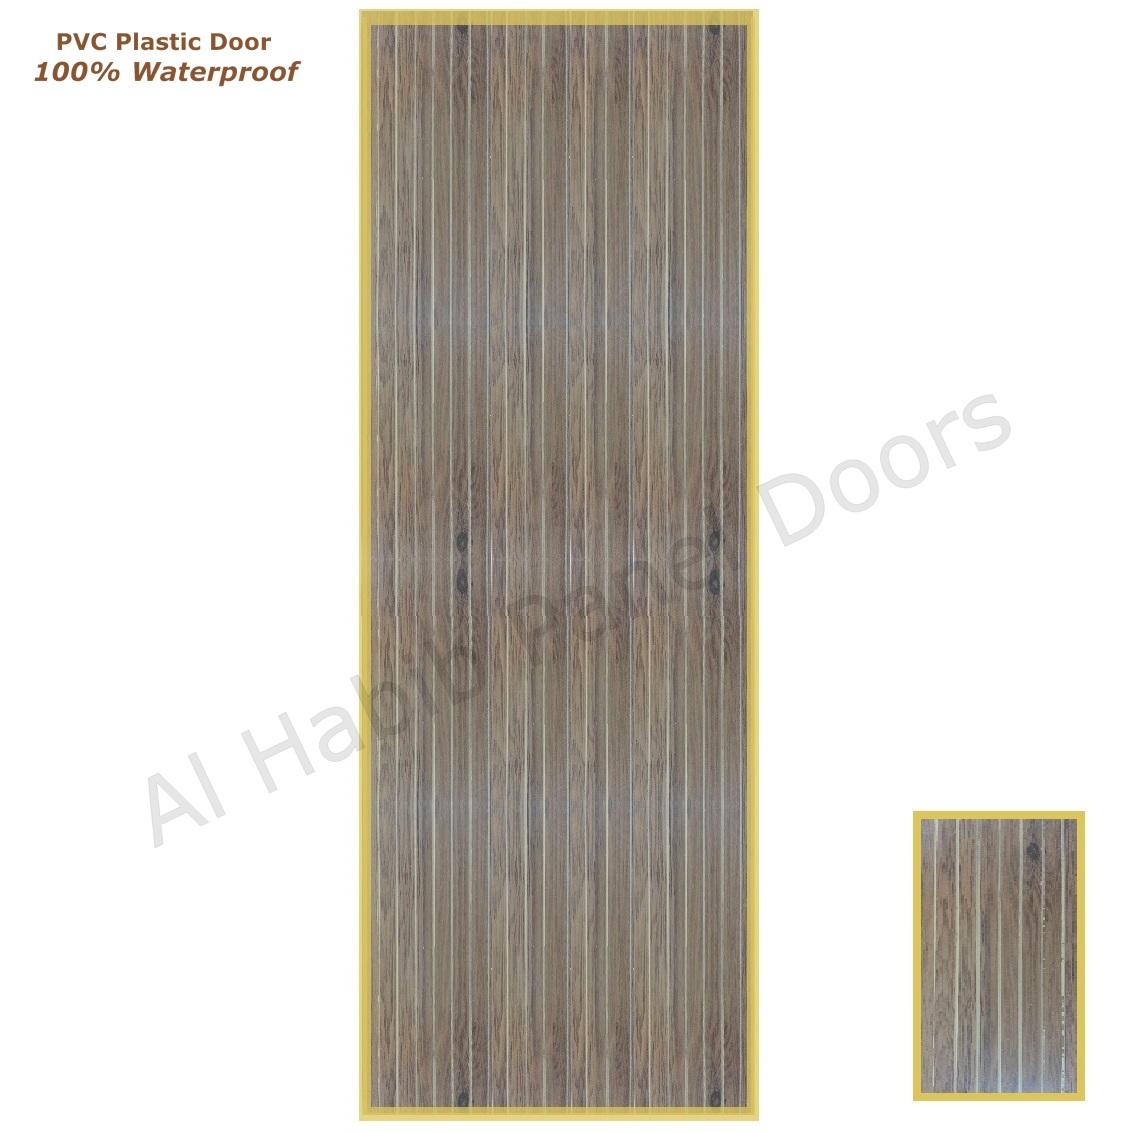 Pvc Panel Doors : Upvc door pvc doors al habib panel